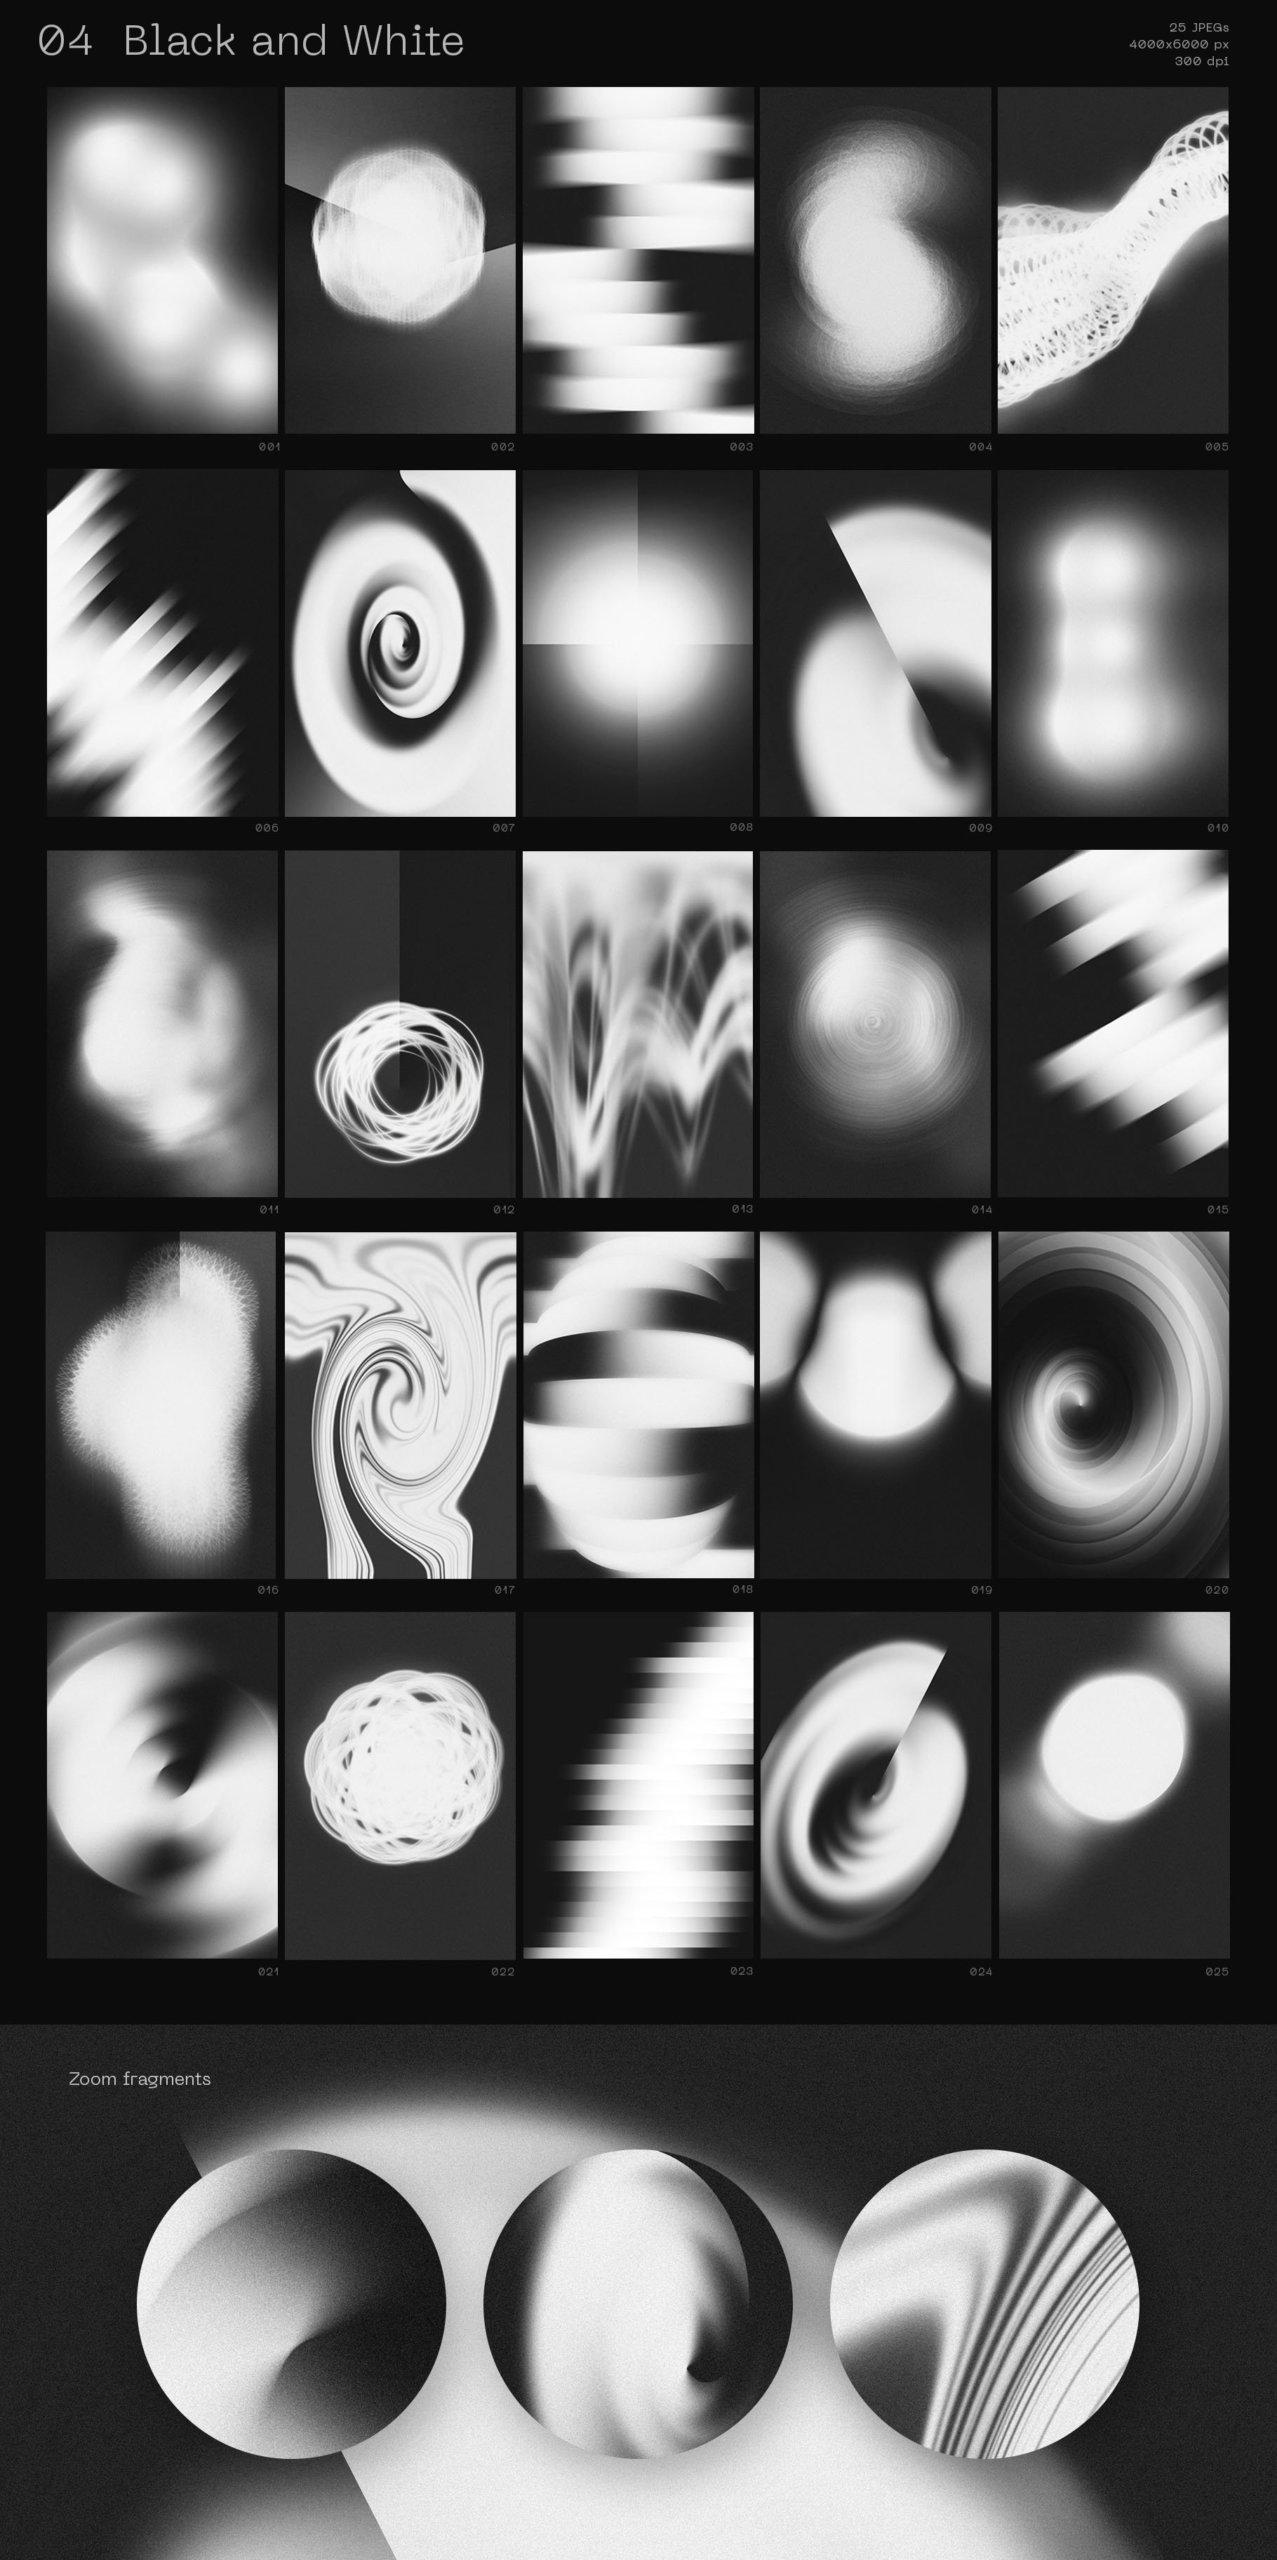 [单独购买] 潮流抽象粗糙划痕炫彩全息渐变油漆纹理背景图片矢量图案设计素材套装 Inartflow – Grafica Shapes Textures插图6